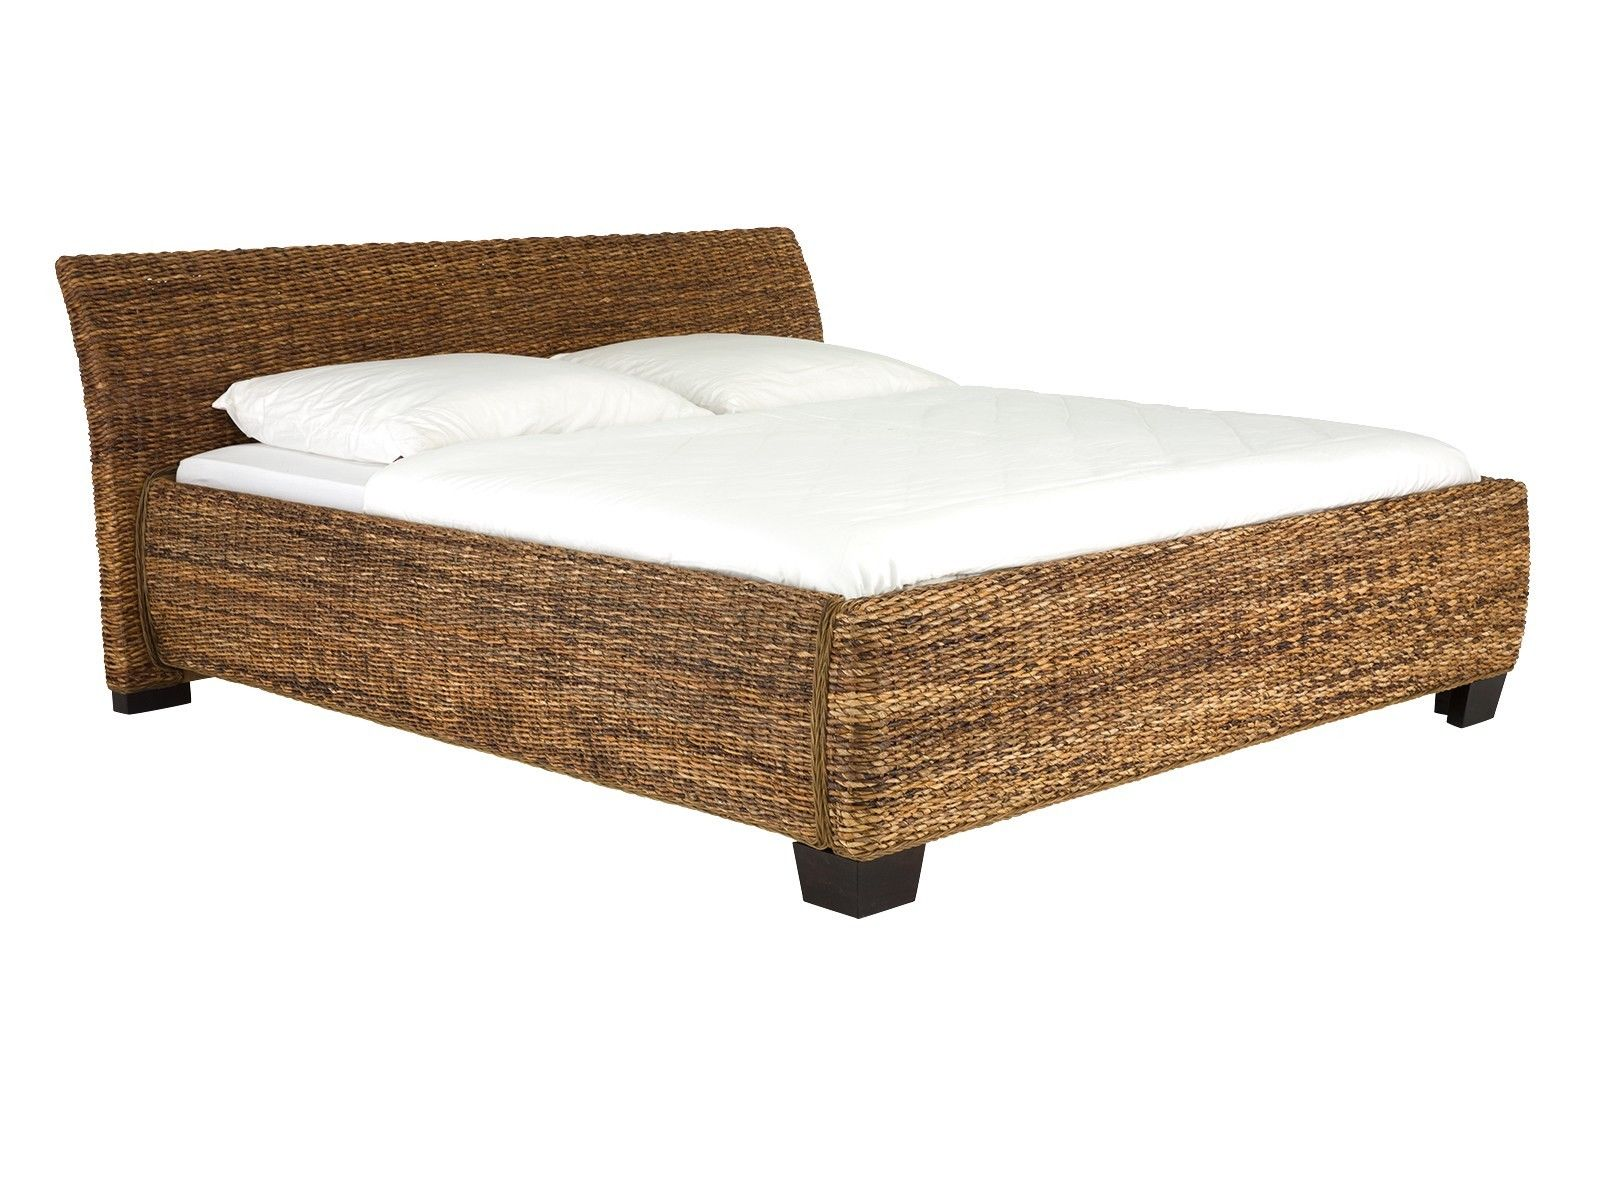 Full Size of Jabo Betten Mehr Als 10000 Angebote Ausgefallene Ikea 160x200 Ebay Massiv Französische Breckle Günstig Kaufen Balinesische Mit Aufbewahrung Nolte Somnus Team Bett Jabo Betten